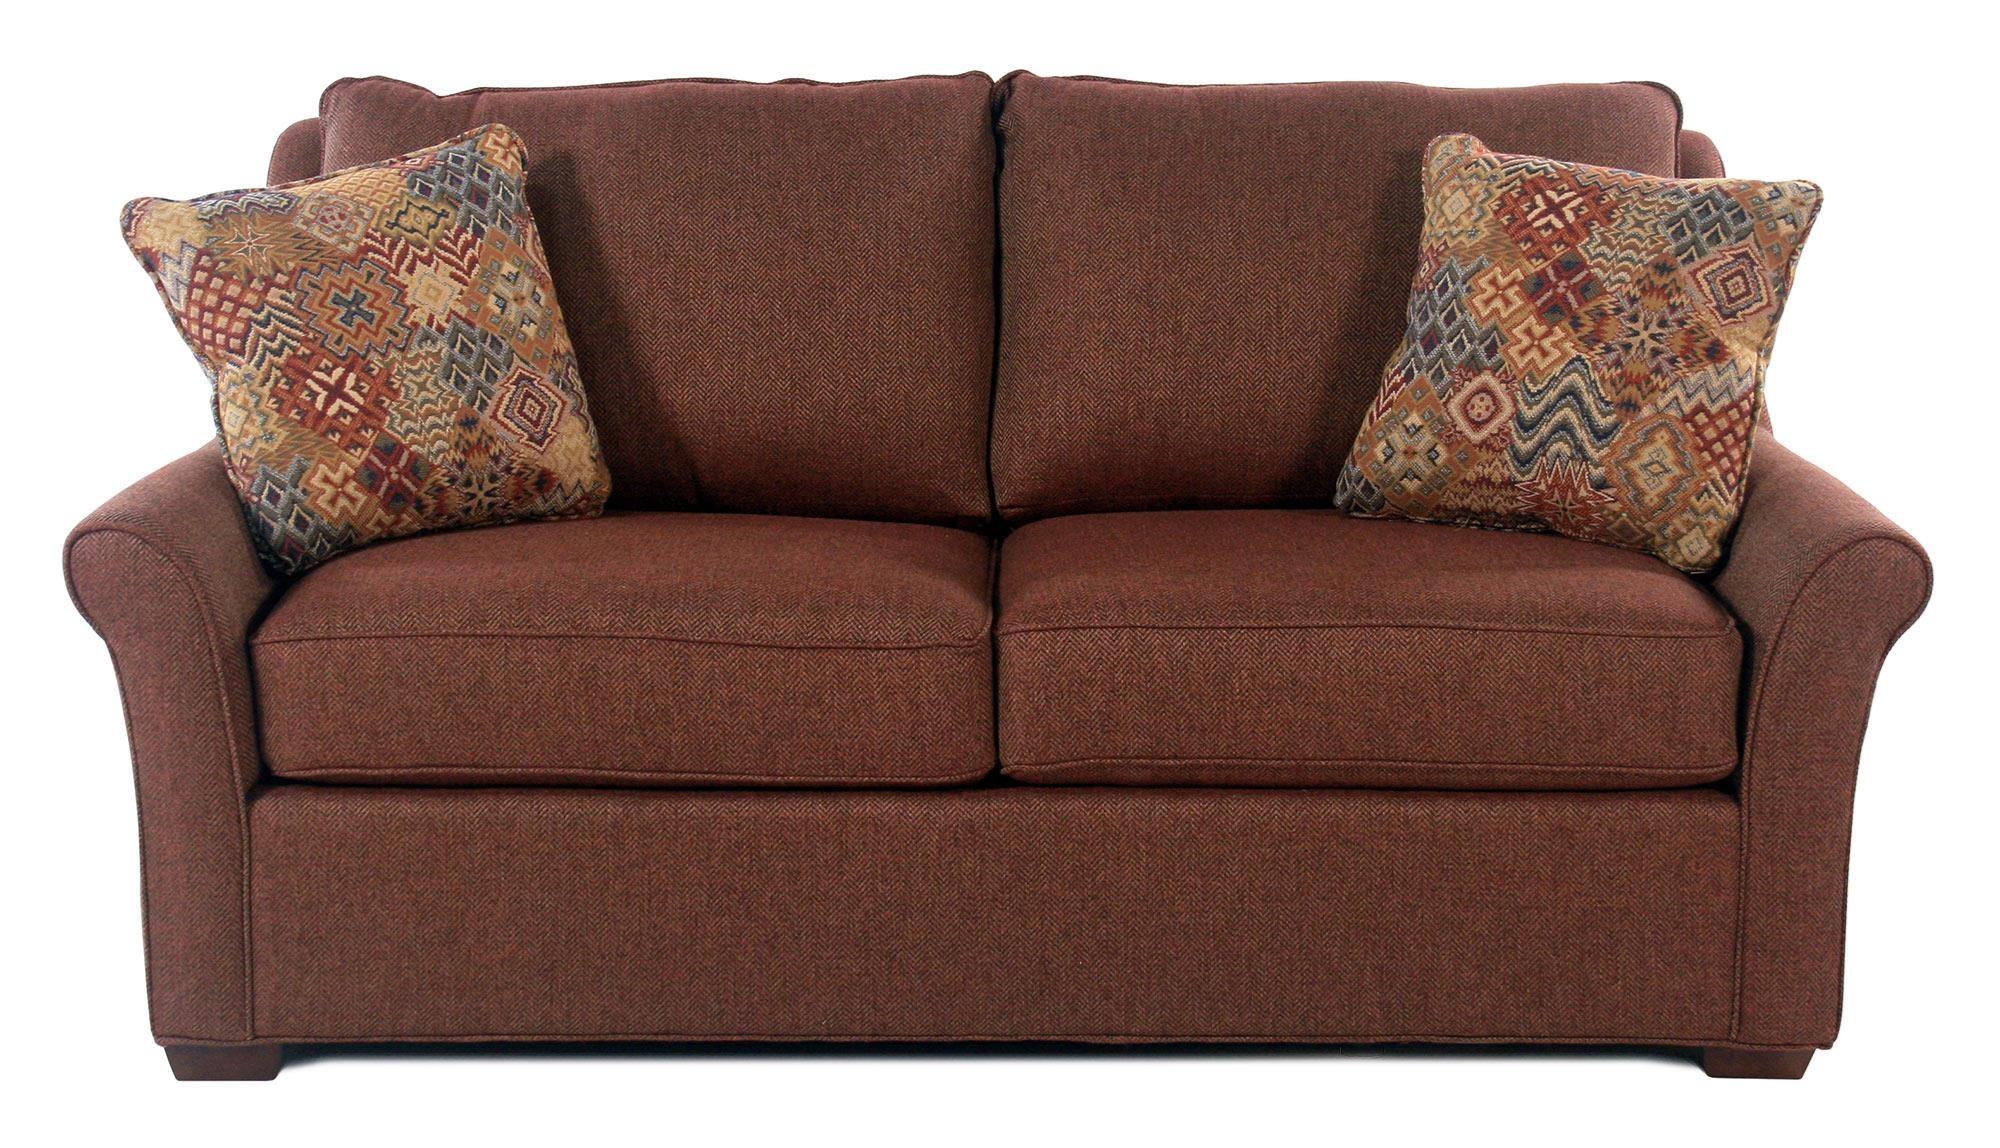 Cozy Life Revolution Transitional Full Sleeper - Item Number: 768650-60